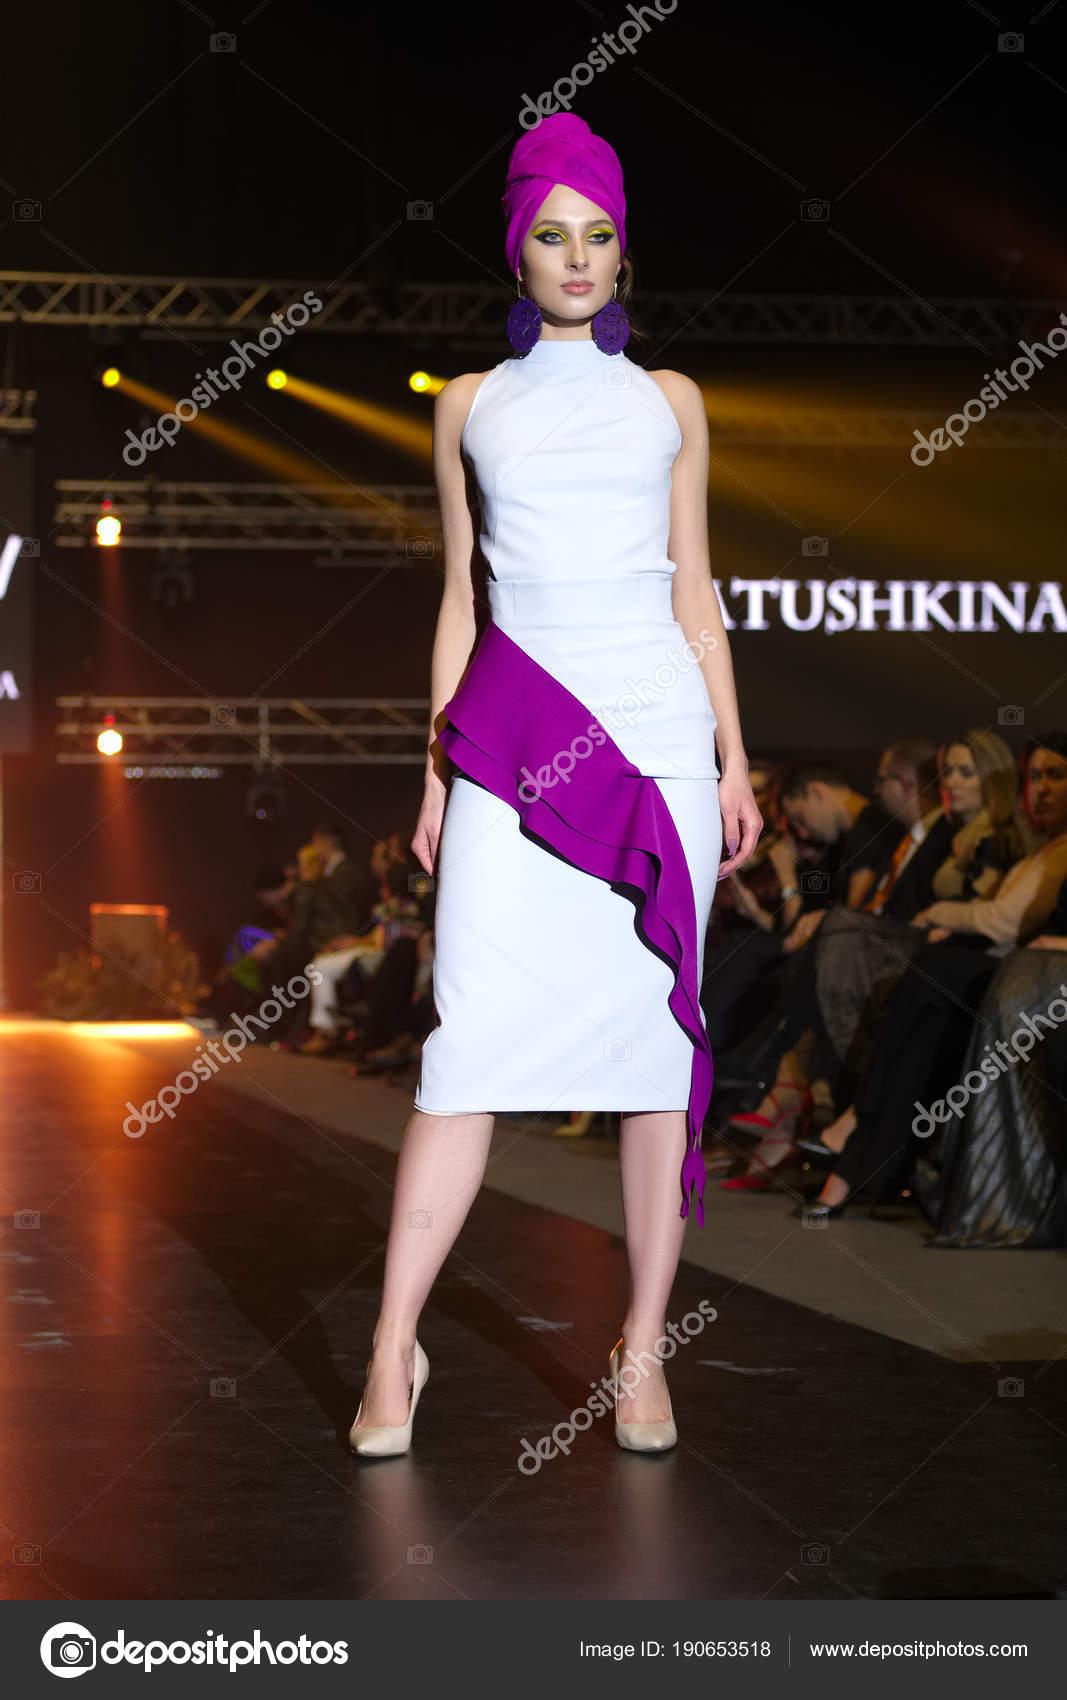 3892bf269c 30 2018-ban, Falcone Club, Minszk, Fehéroroszország március: divat modell alkalmi  ruha tett Latushkina Design gyűjtemény márkák divat Show, Burma– Editorial  ...